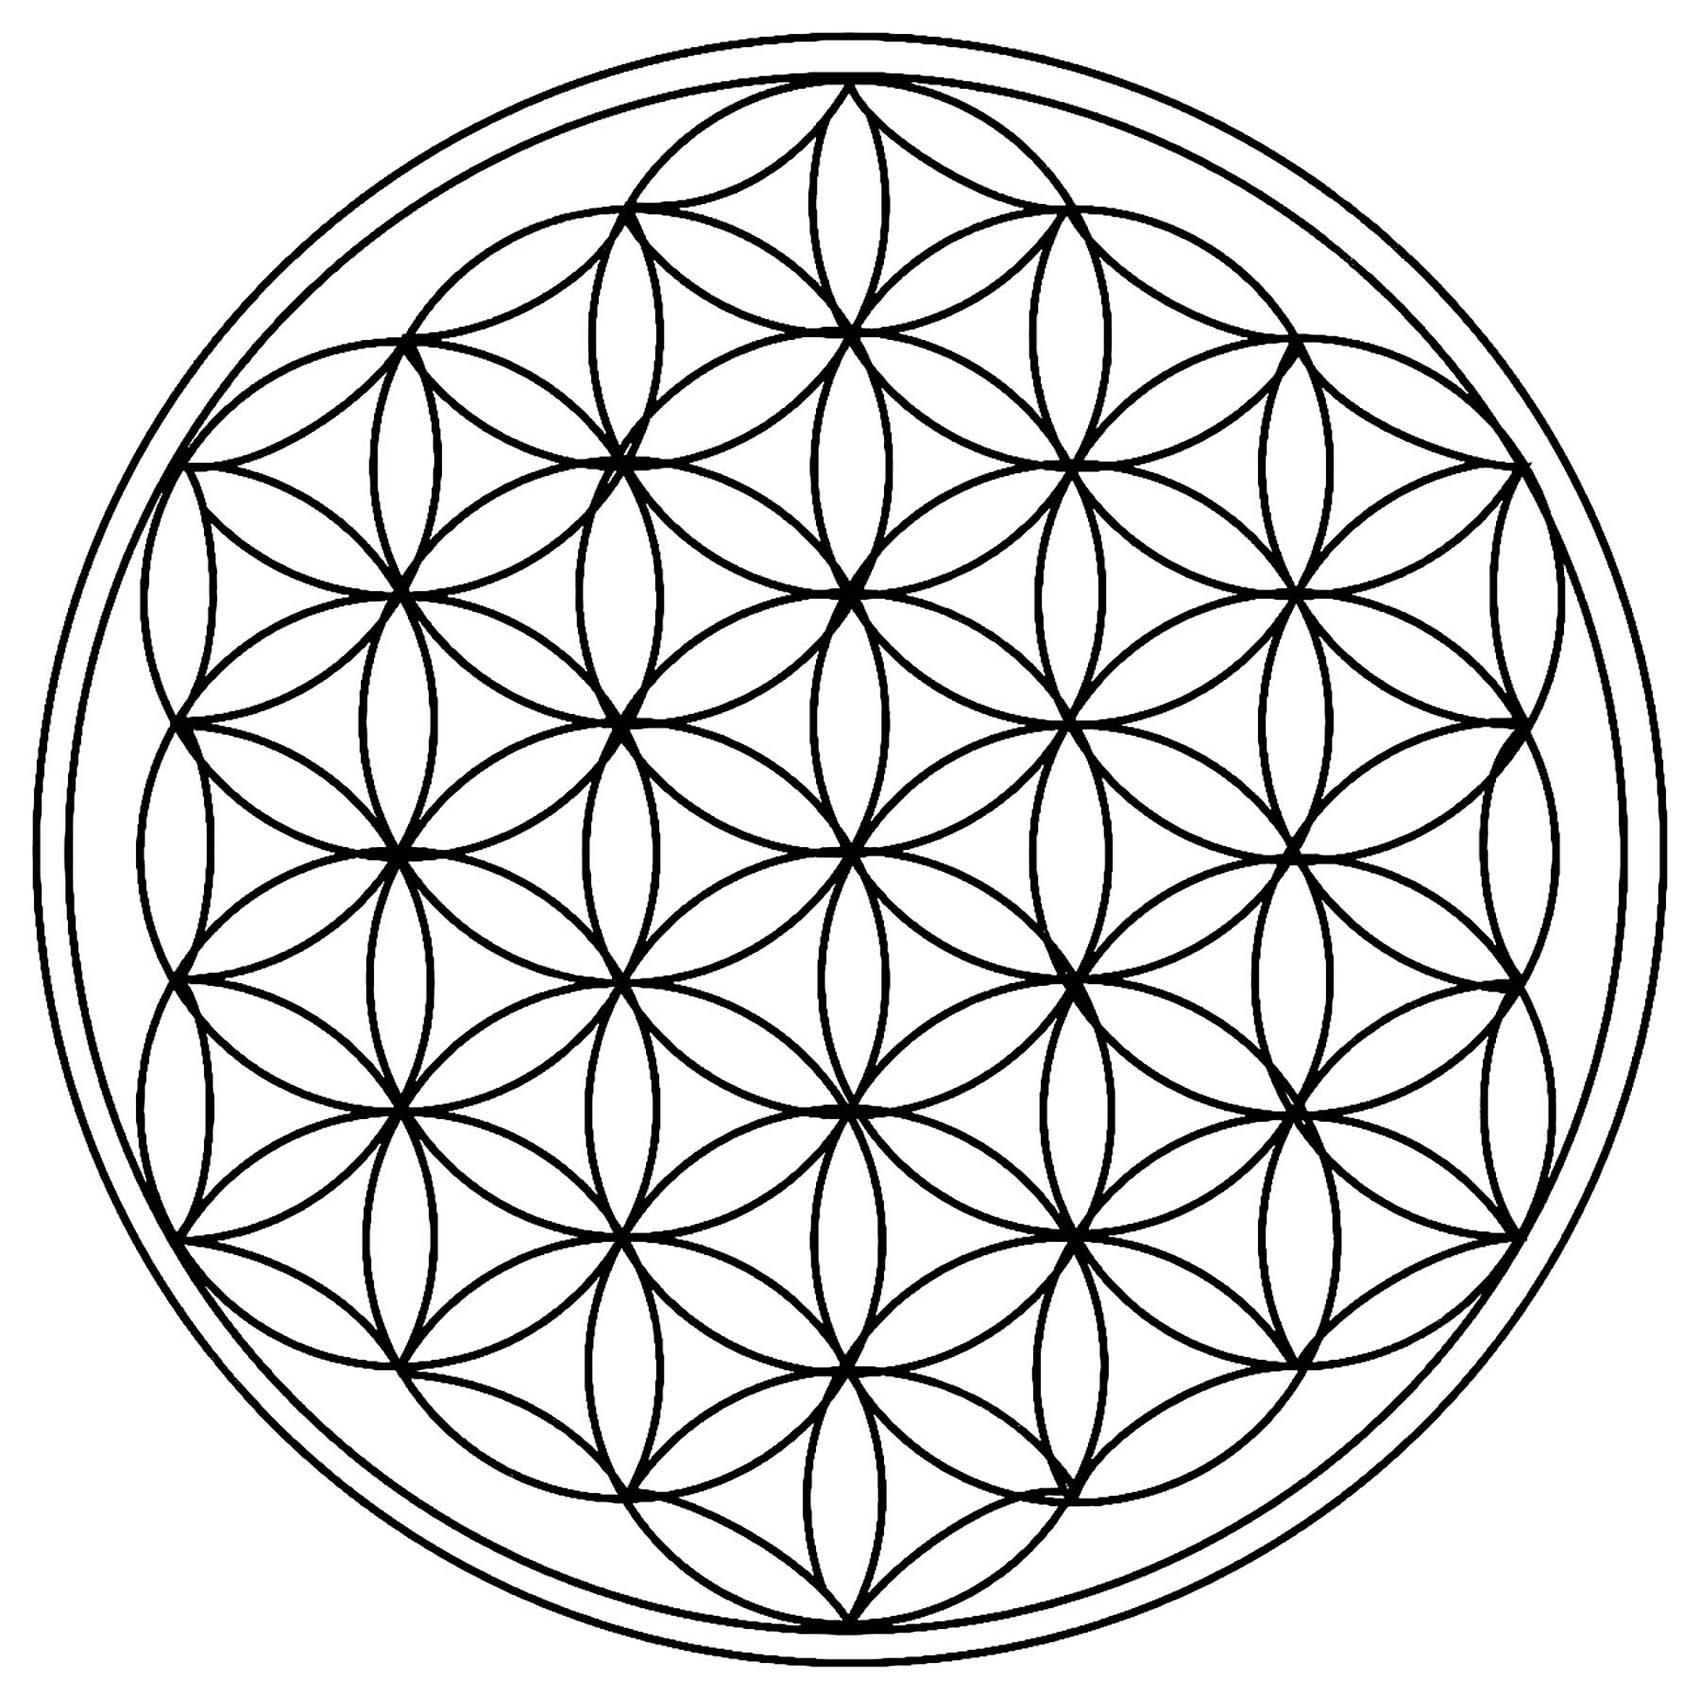 Regardez bien, ce mandala n'est fait que de cercles !